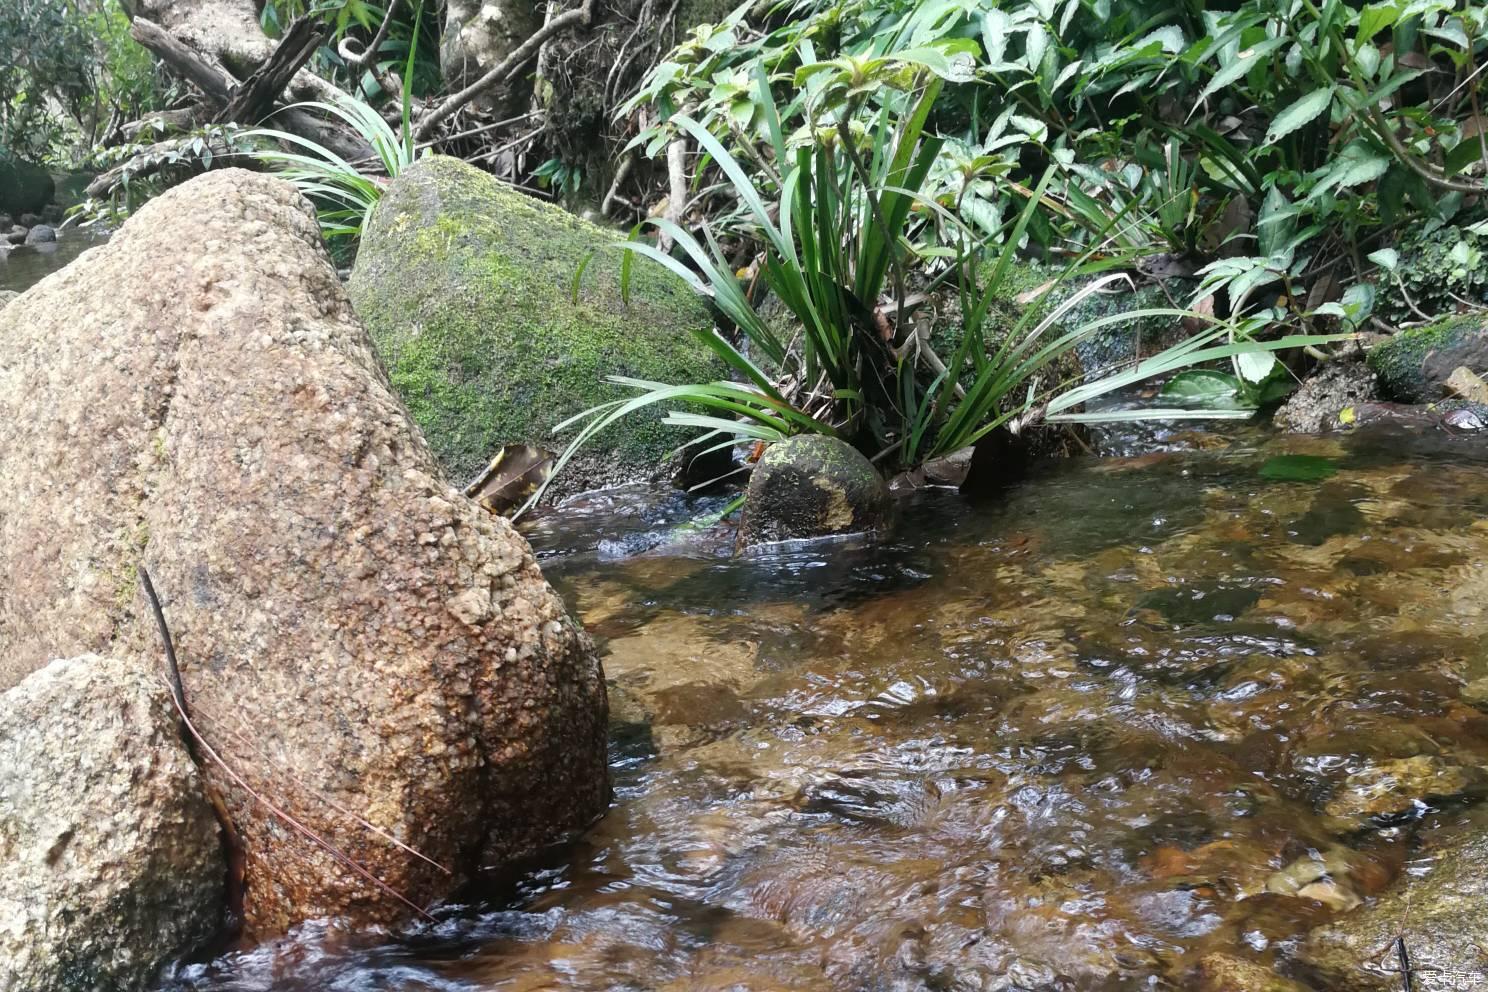 热带雨林听水--海南吊罗山国家森林公园